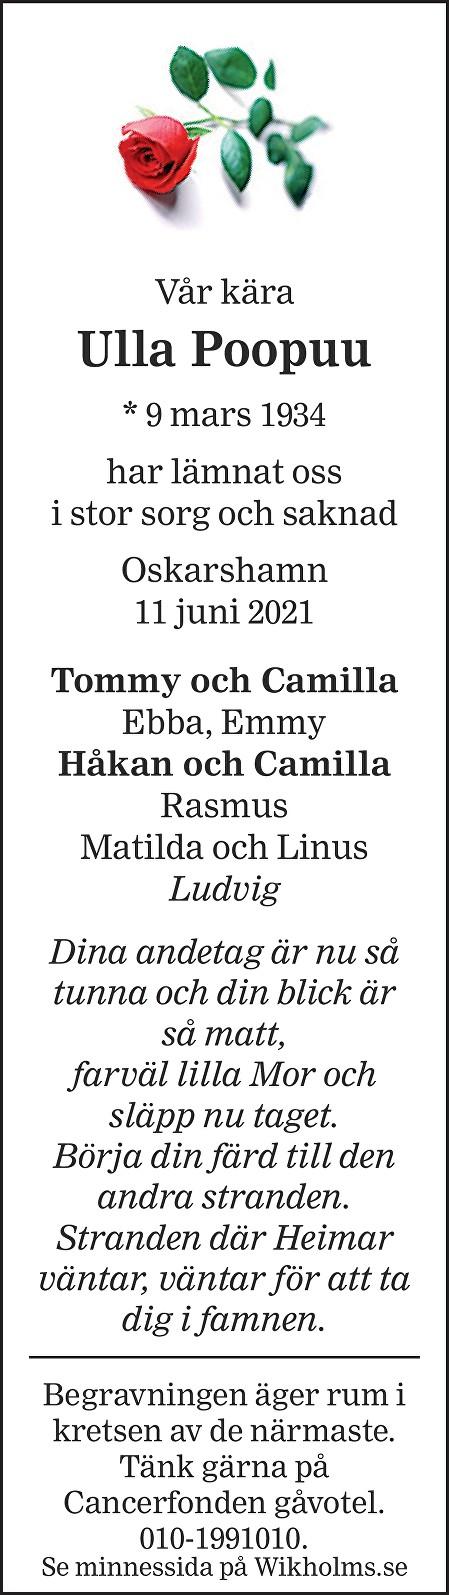 Ulla Poopuu Death notice